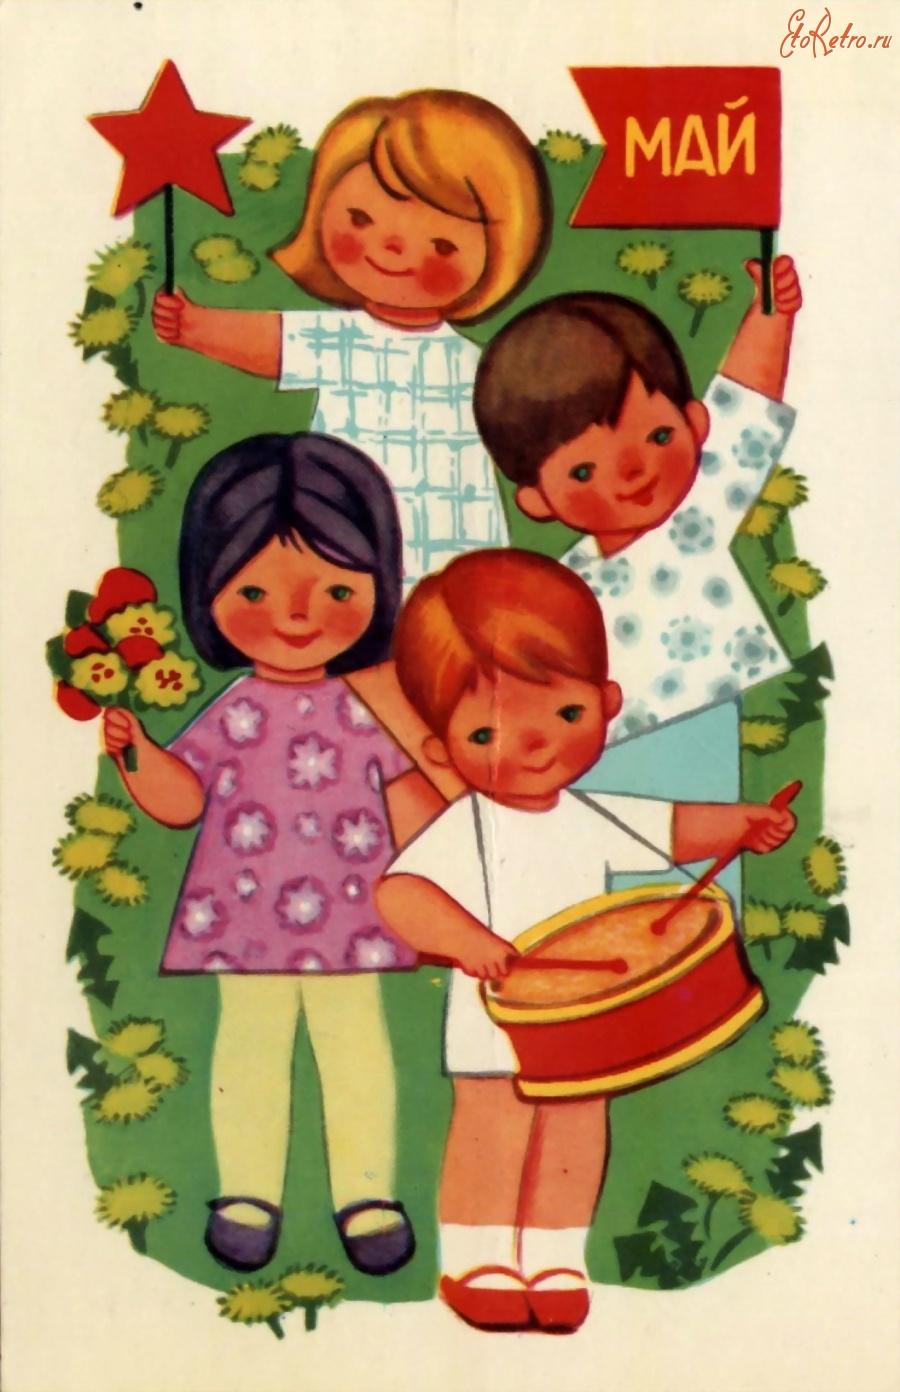 Открытки для детей о мае, анимация джокера открытки